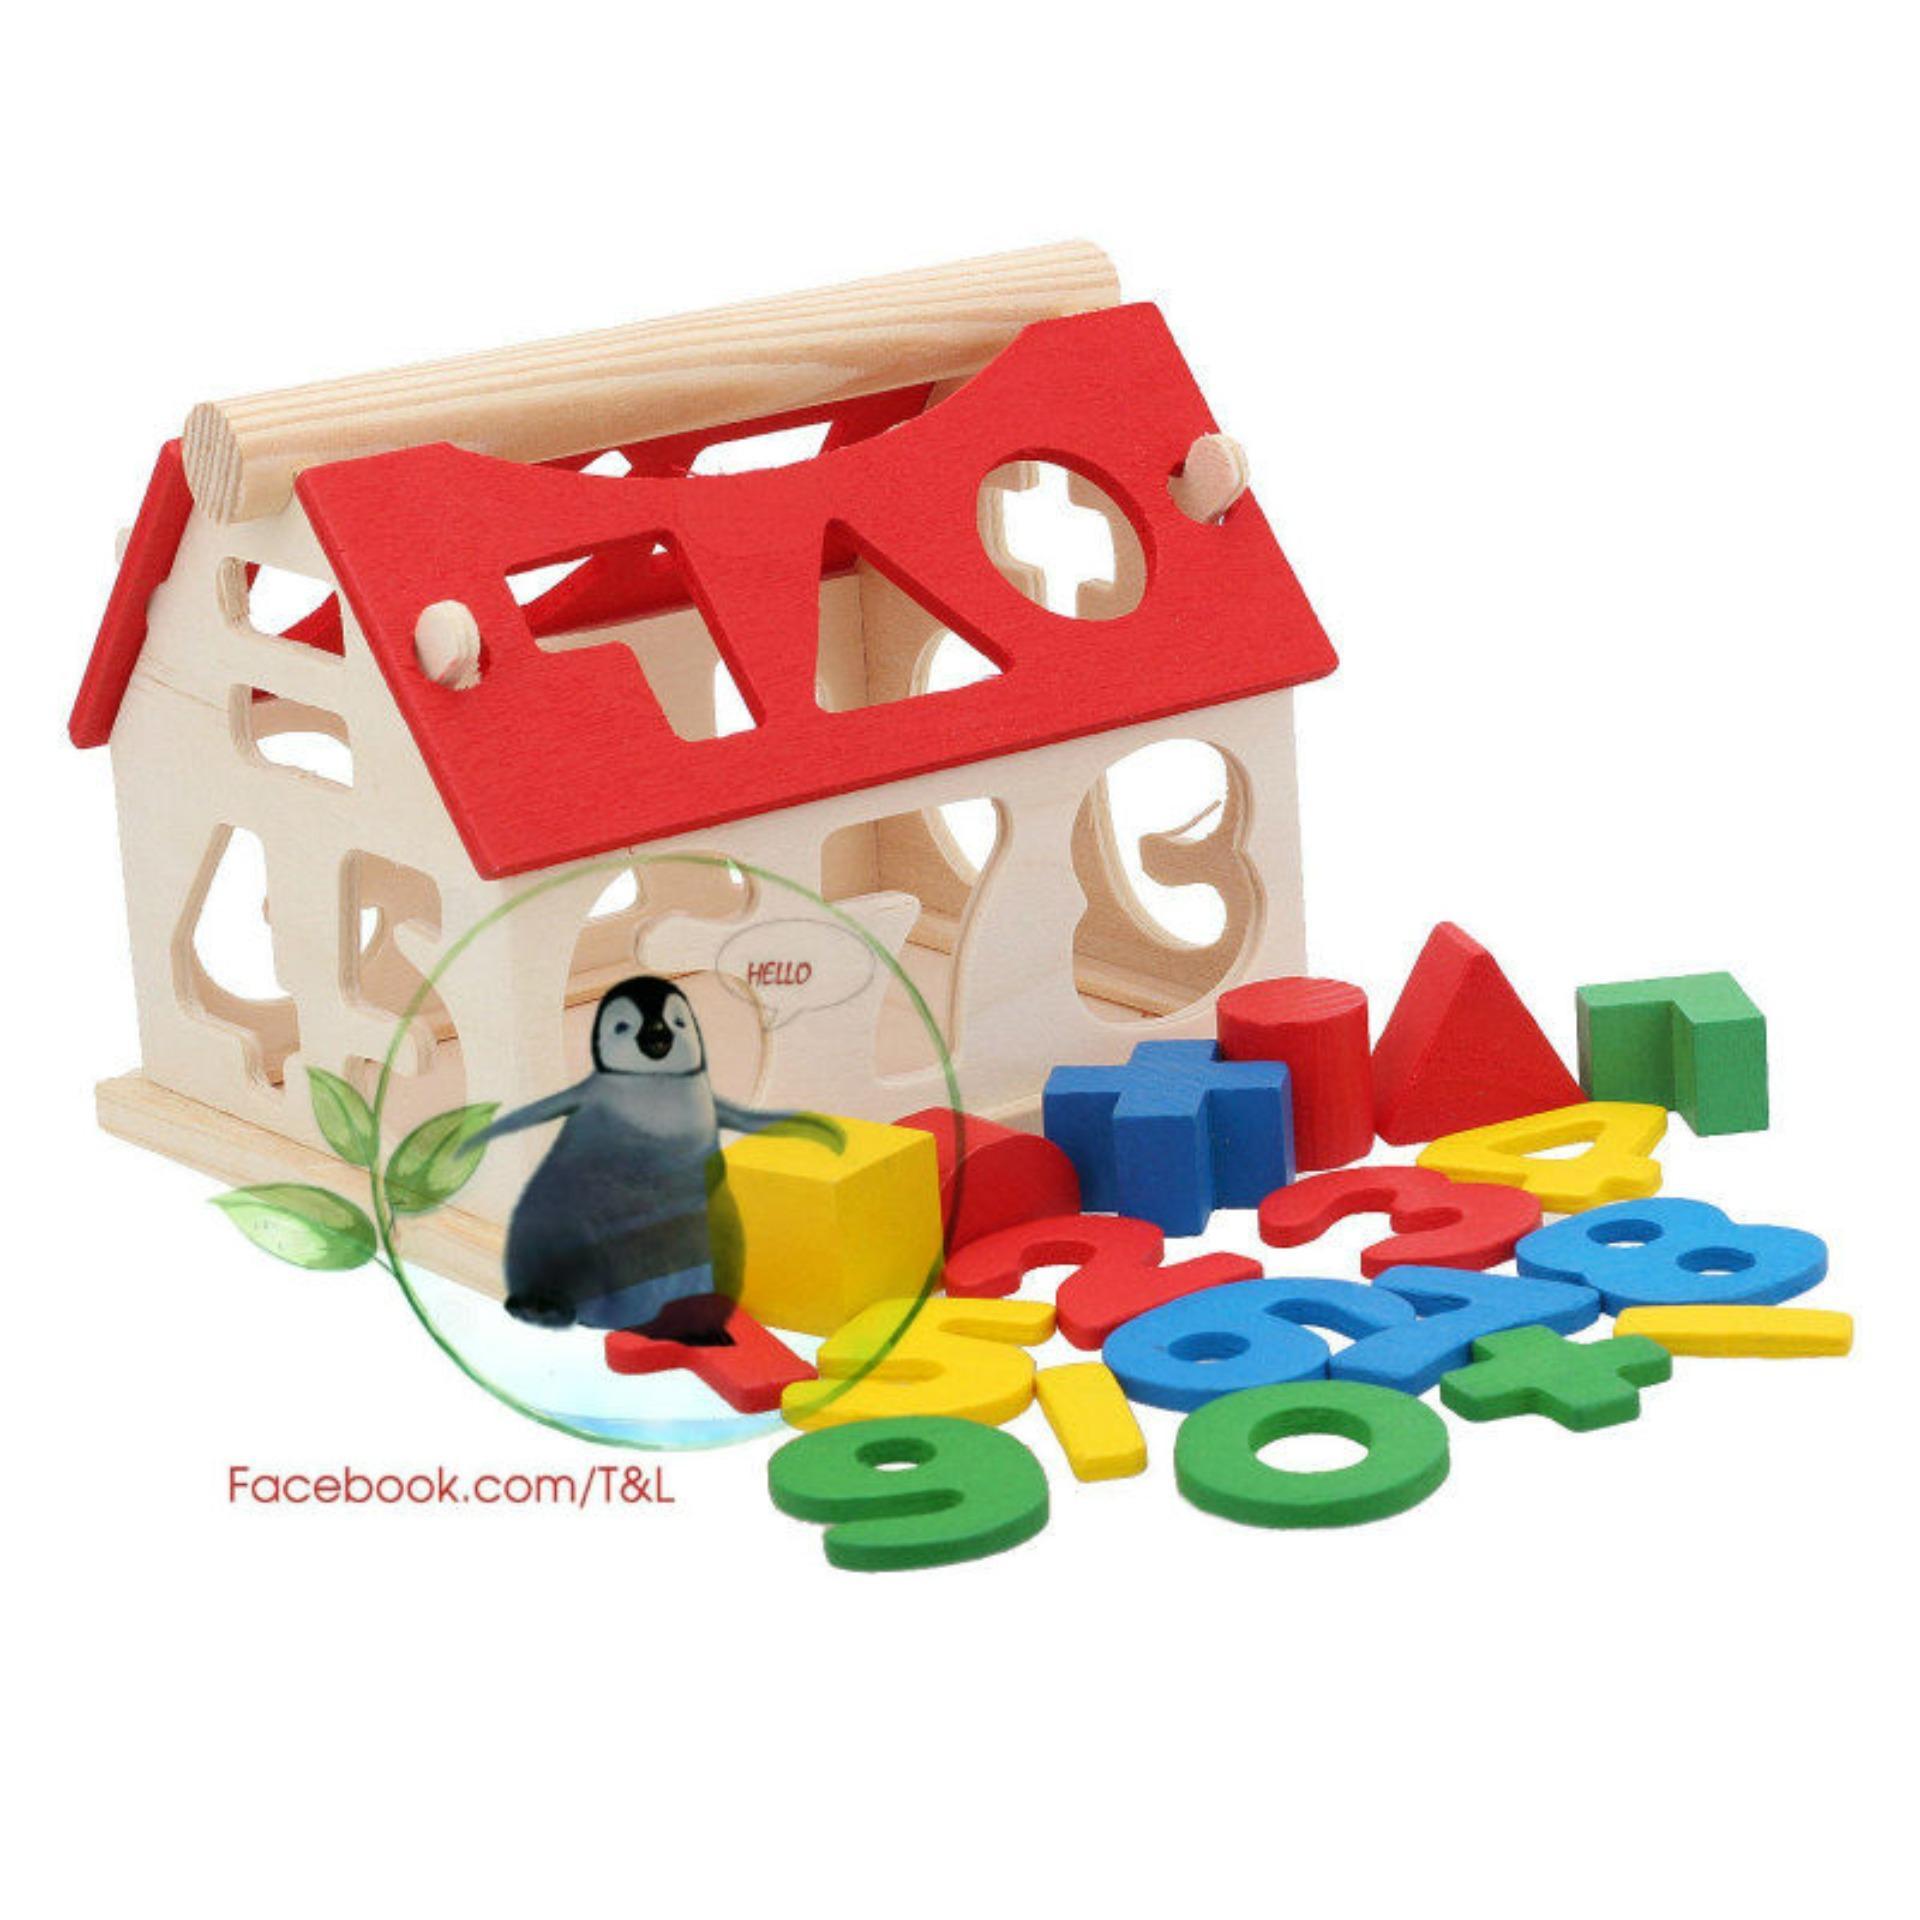 Hình ảnh Ngôi nhà thả hình gỗ trí tuệ cho bé